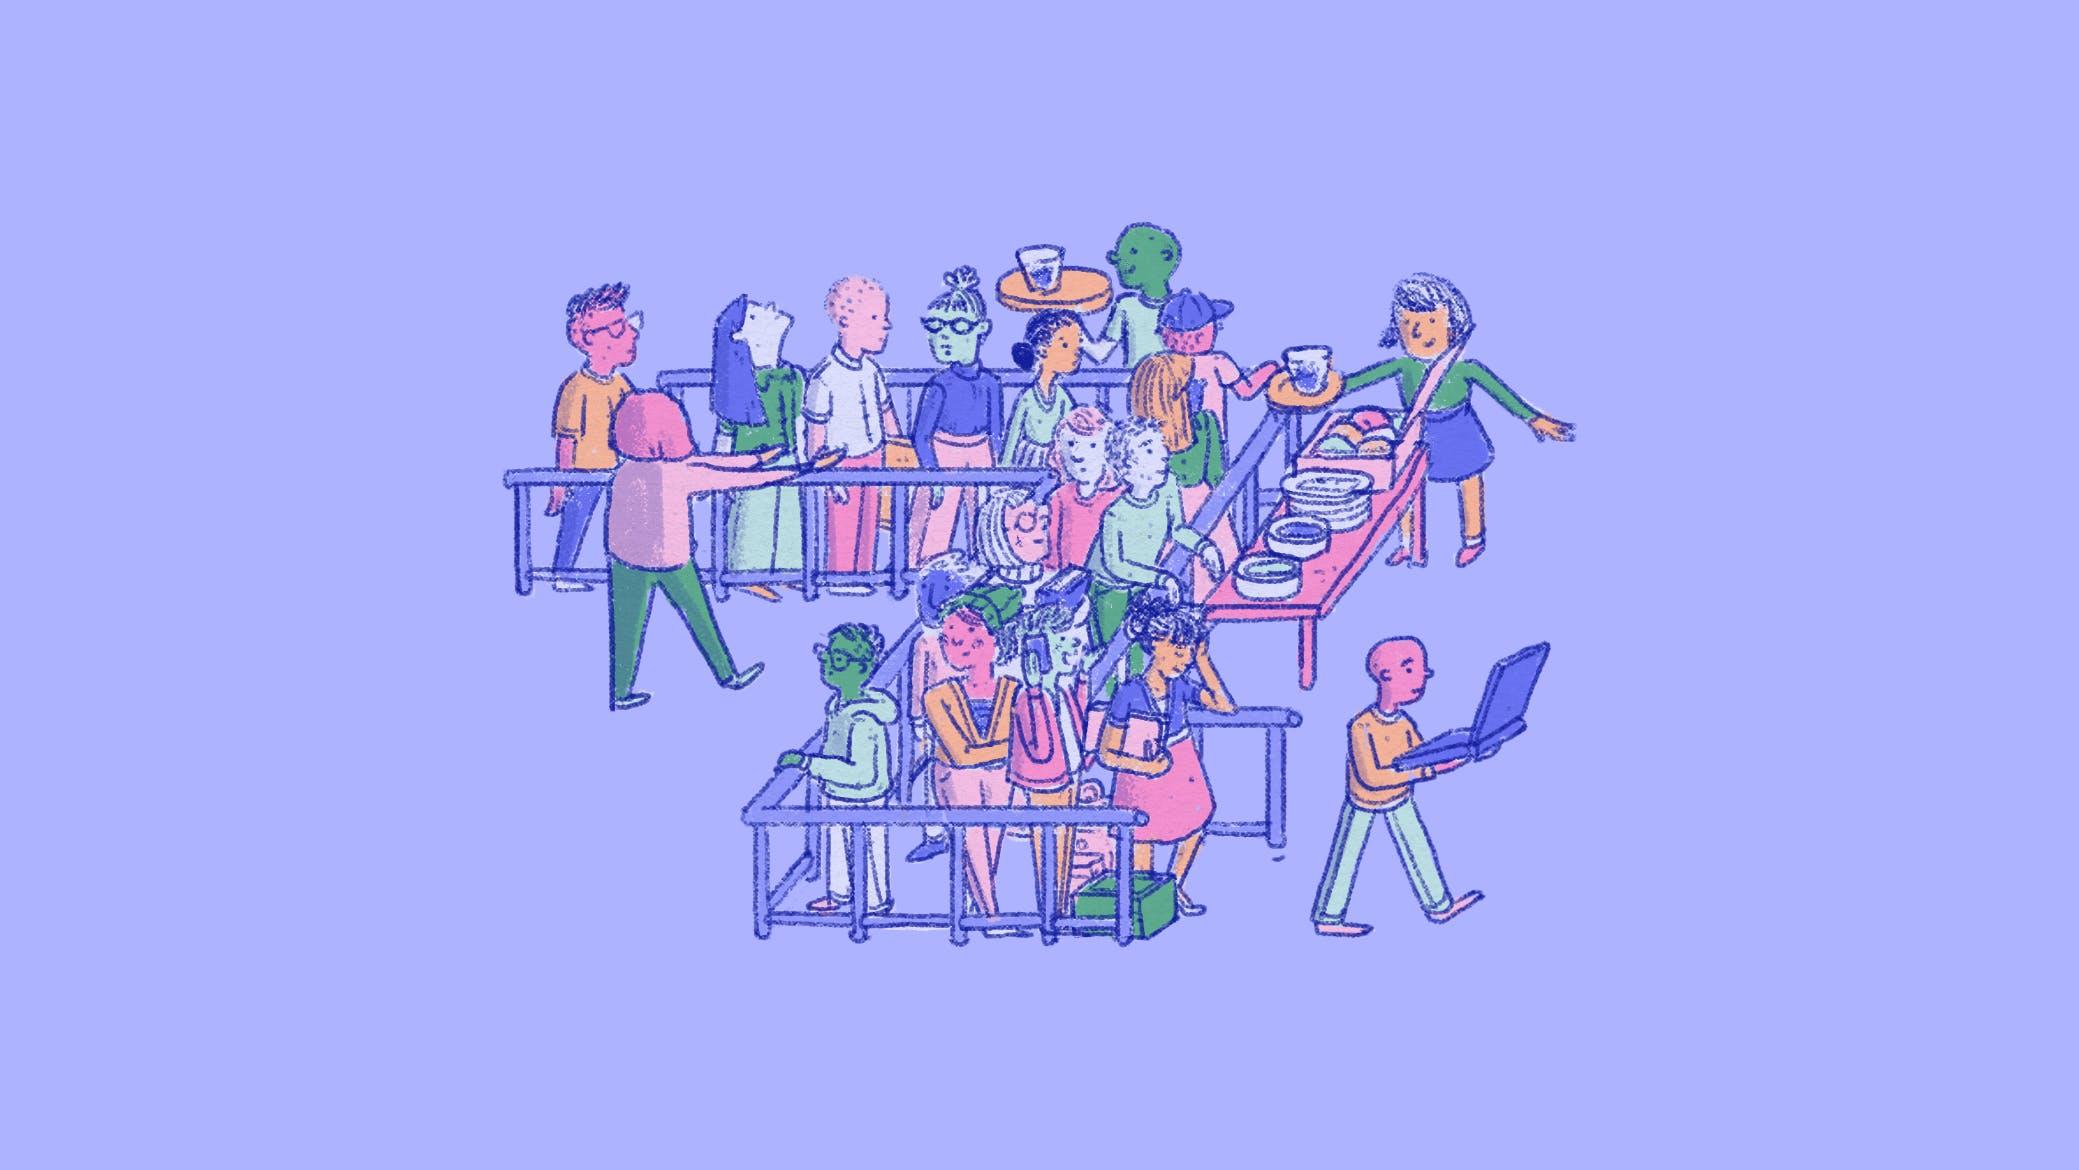 Illustration by Meredith Miotke